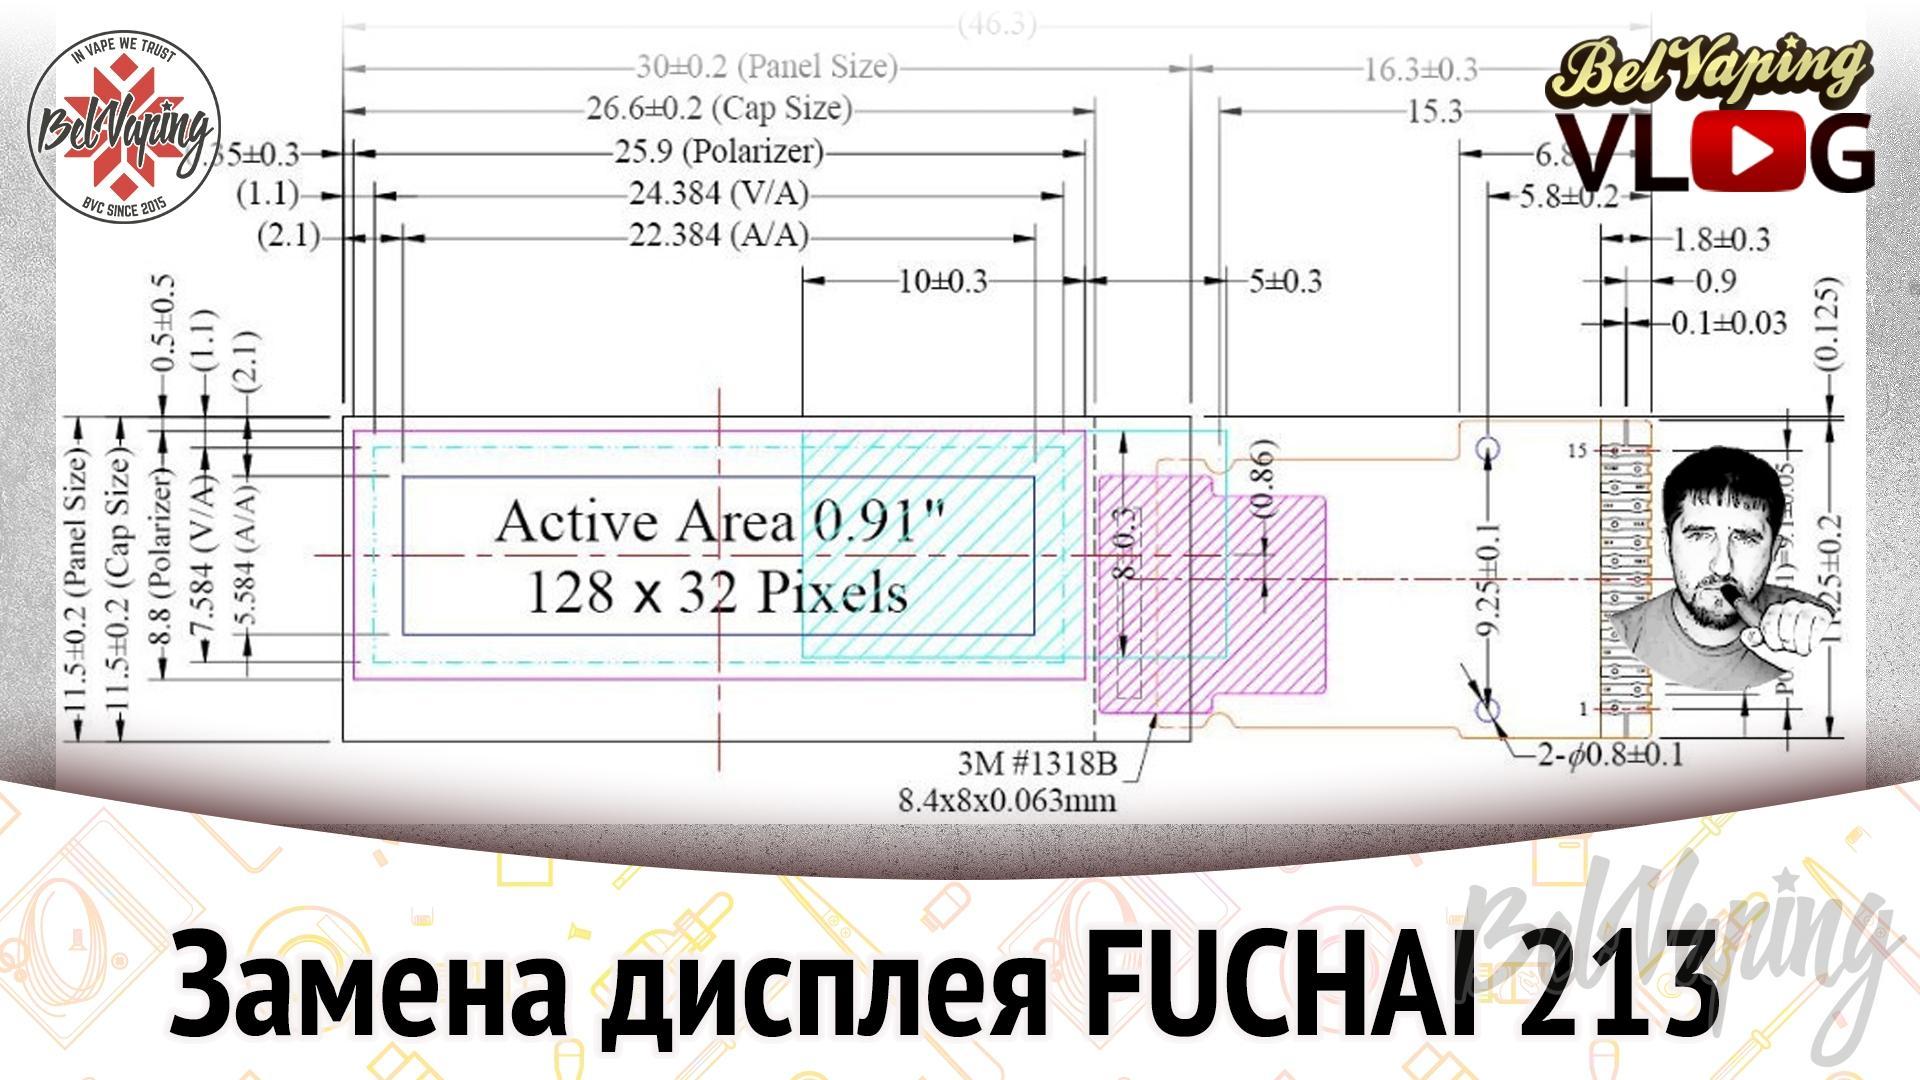 Ремонт дисплея Fuchai 213